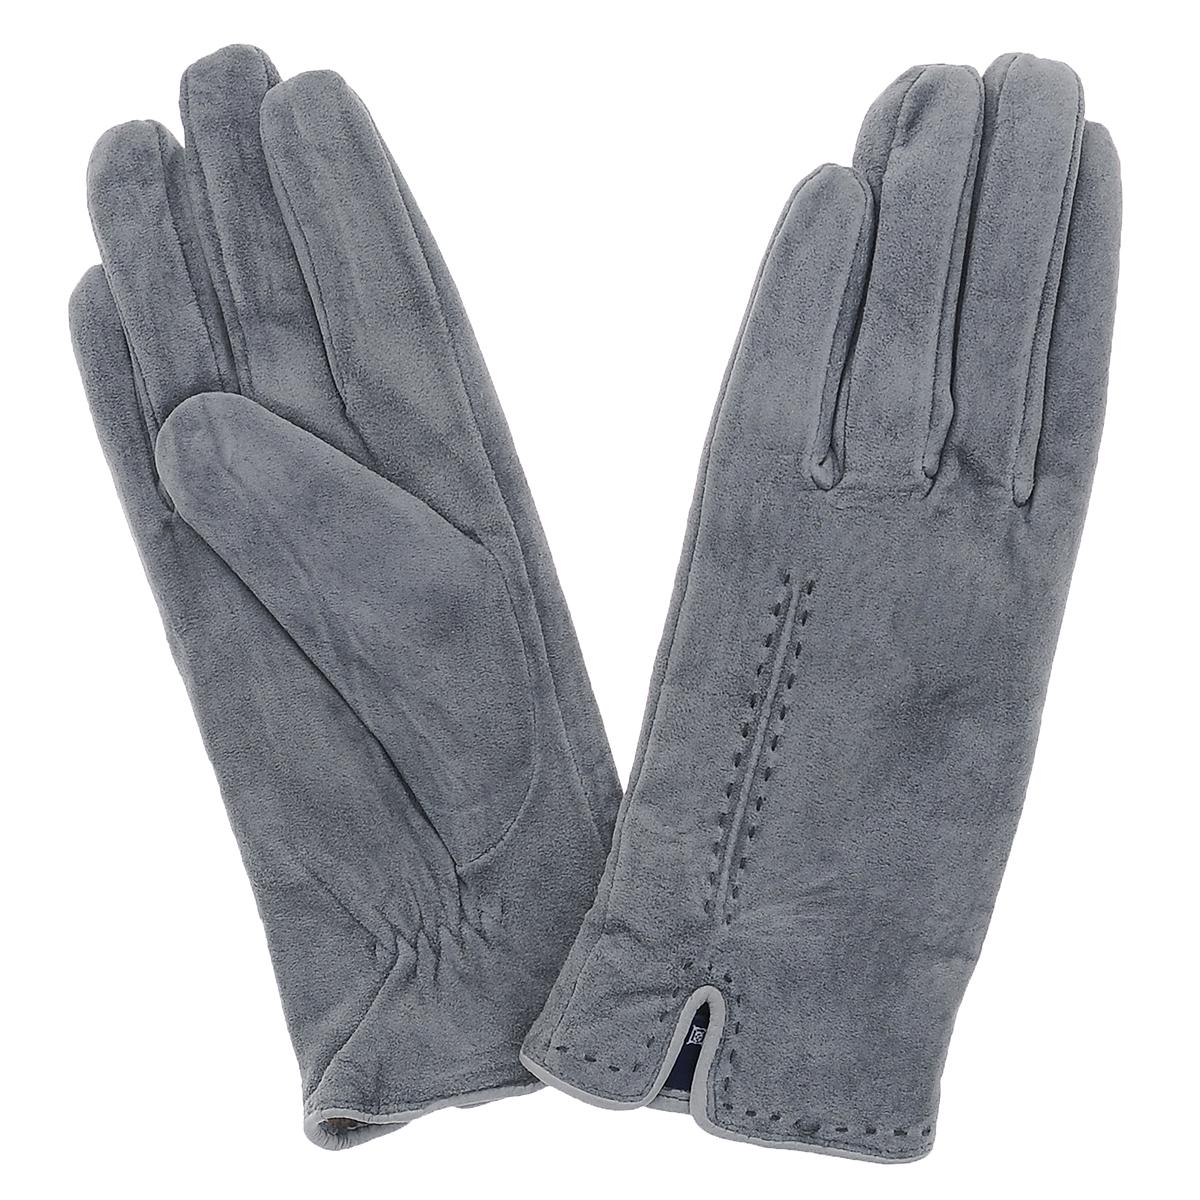 ПерчаткиSP11_ALINAСтильные перчатки Dali Exclusive с шерстяной подкладкой выполнены из мягкой и приятной на ощупь натуральной замши. Лицевая сторона оформлена декоративными стежками и дополнена небольшими разрезами. Такие перчатки подчеркнут ваш стиль и неповторимость и придадут всему образу нотки женственности и элегантности.